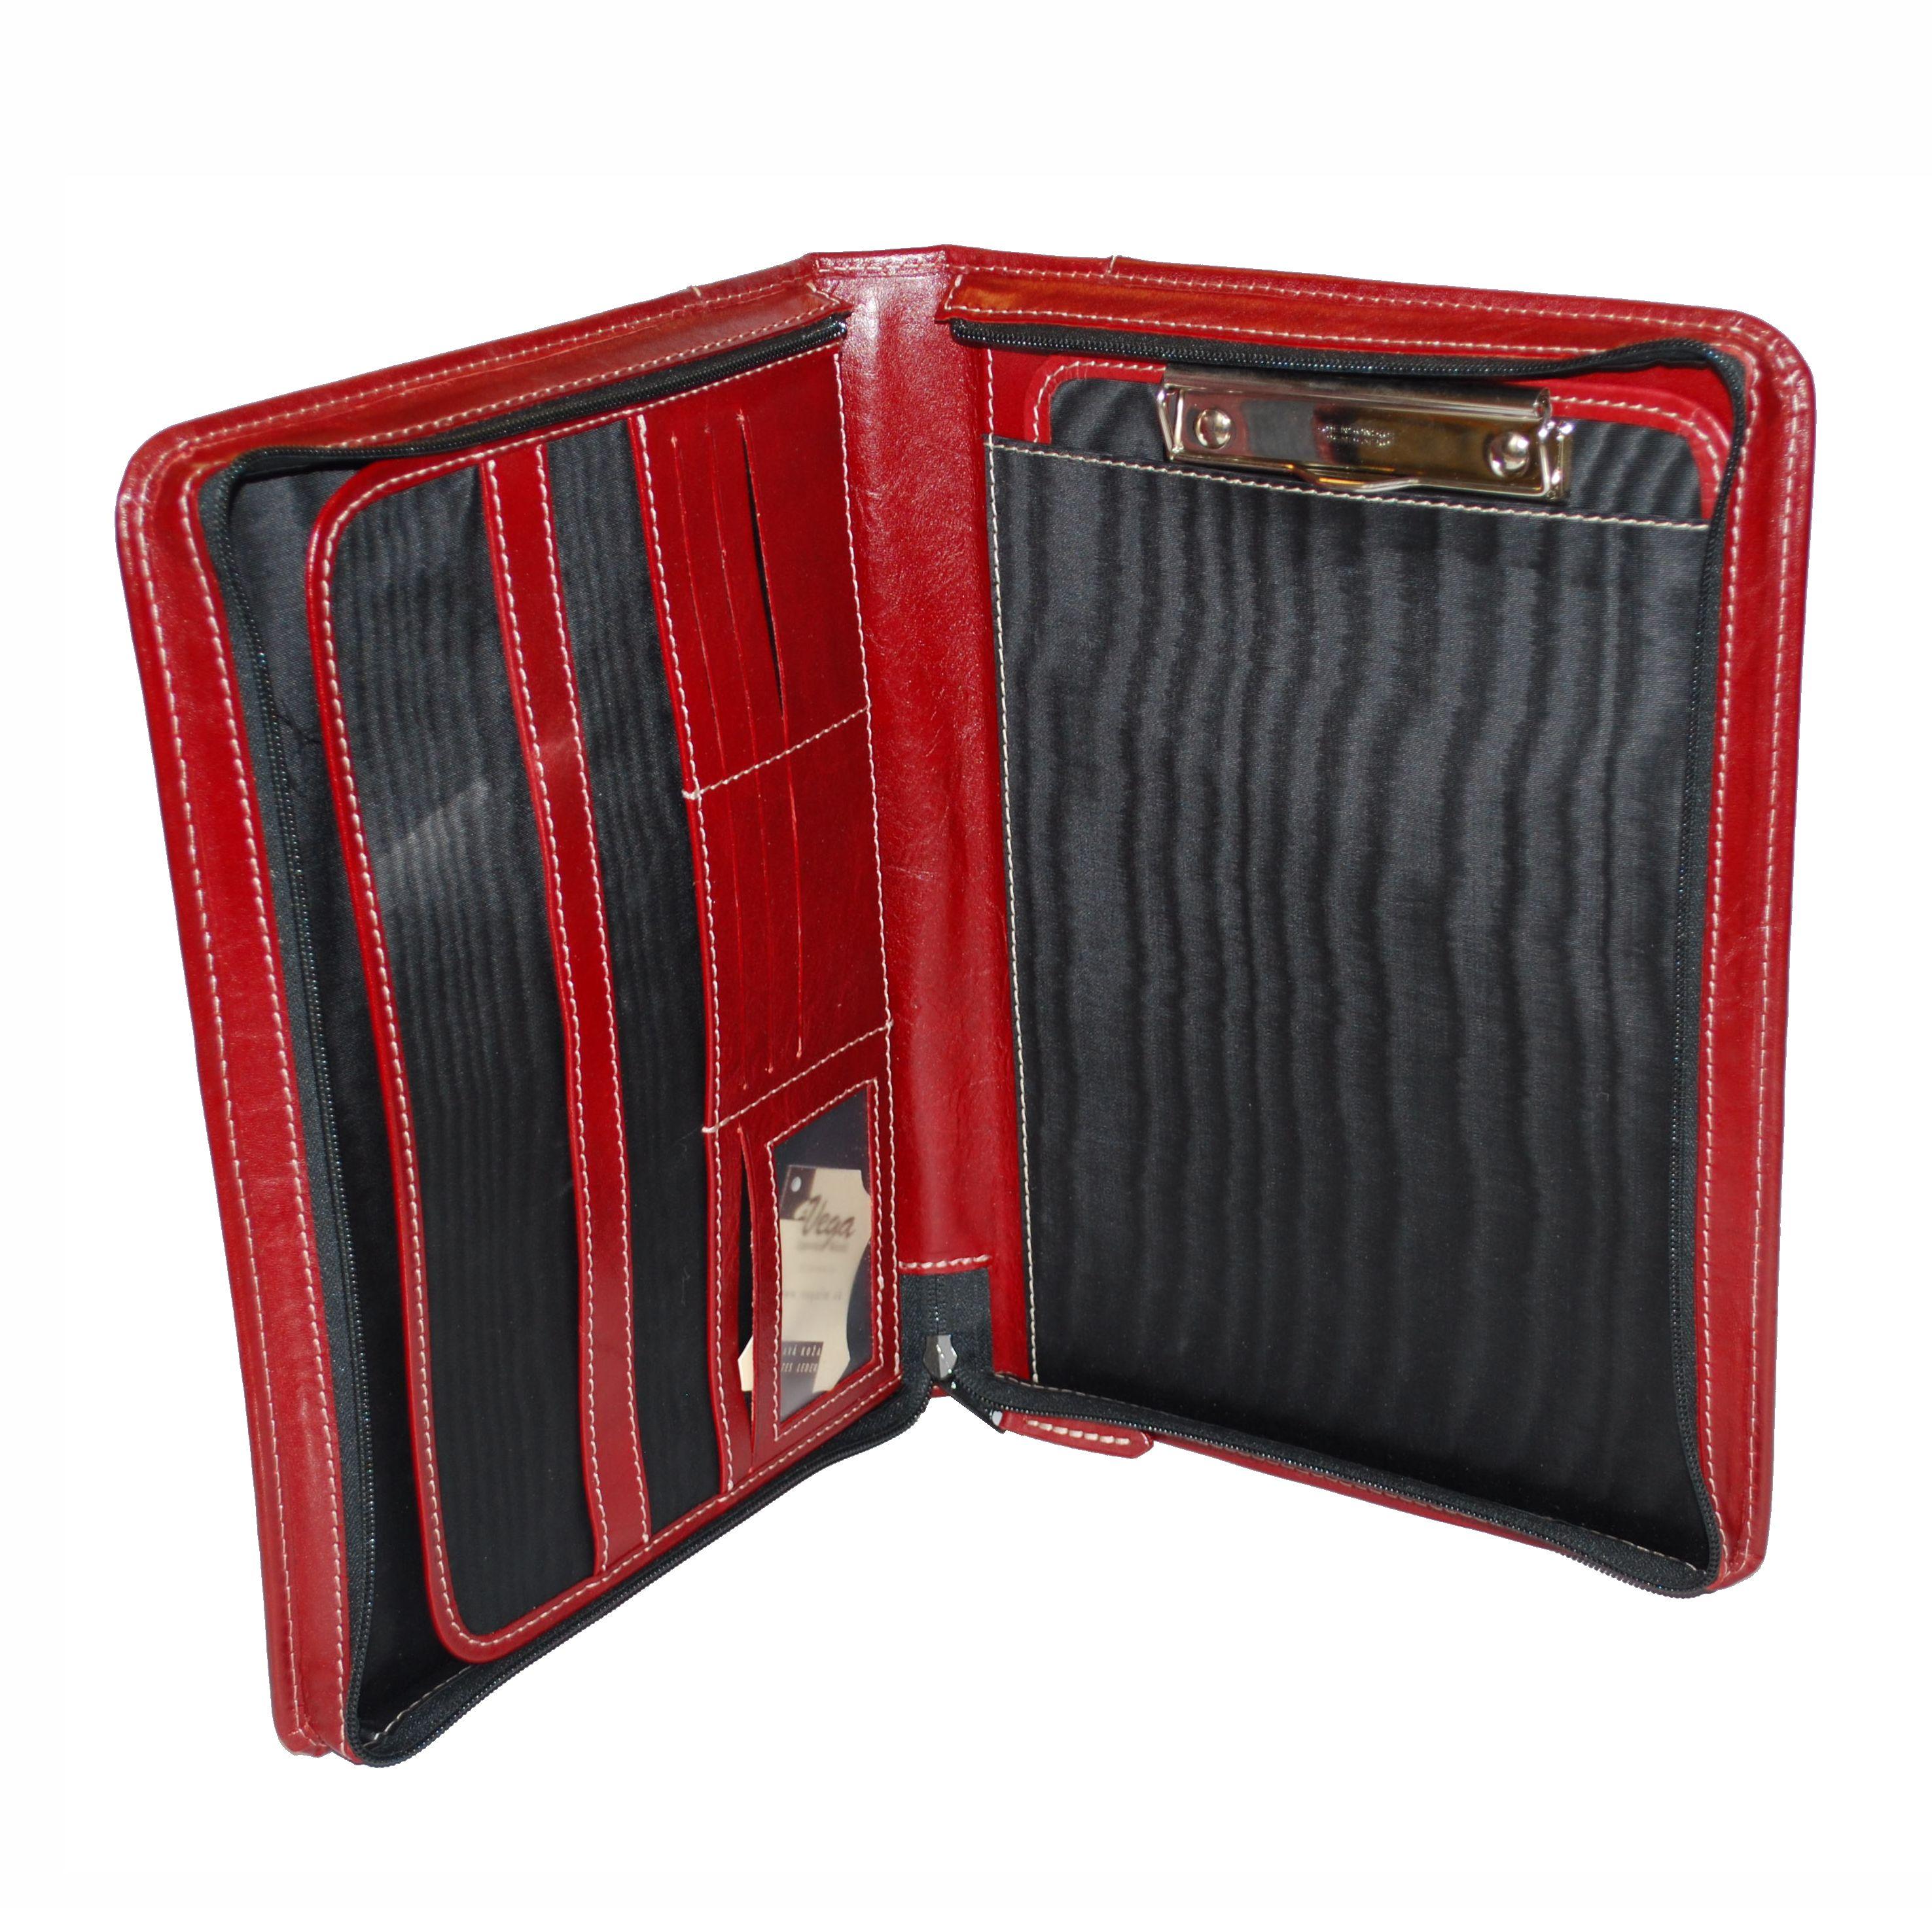 ef7570db2d Exkluzívna kožená spisovka č.8162 v červeno hnedej farbe - Kožená ...